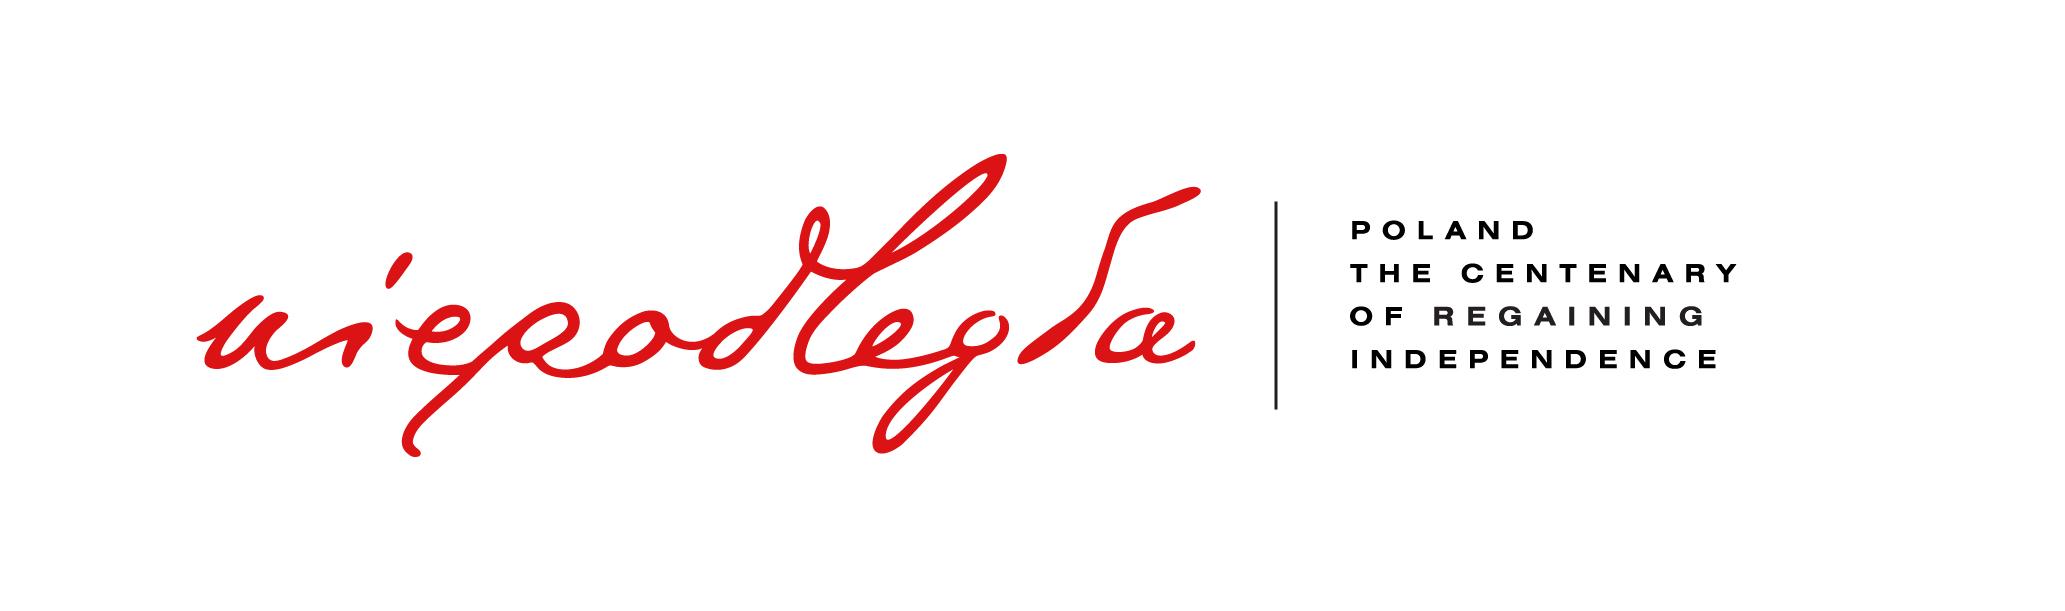 logo_eng-01.jpg